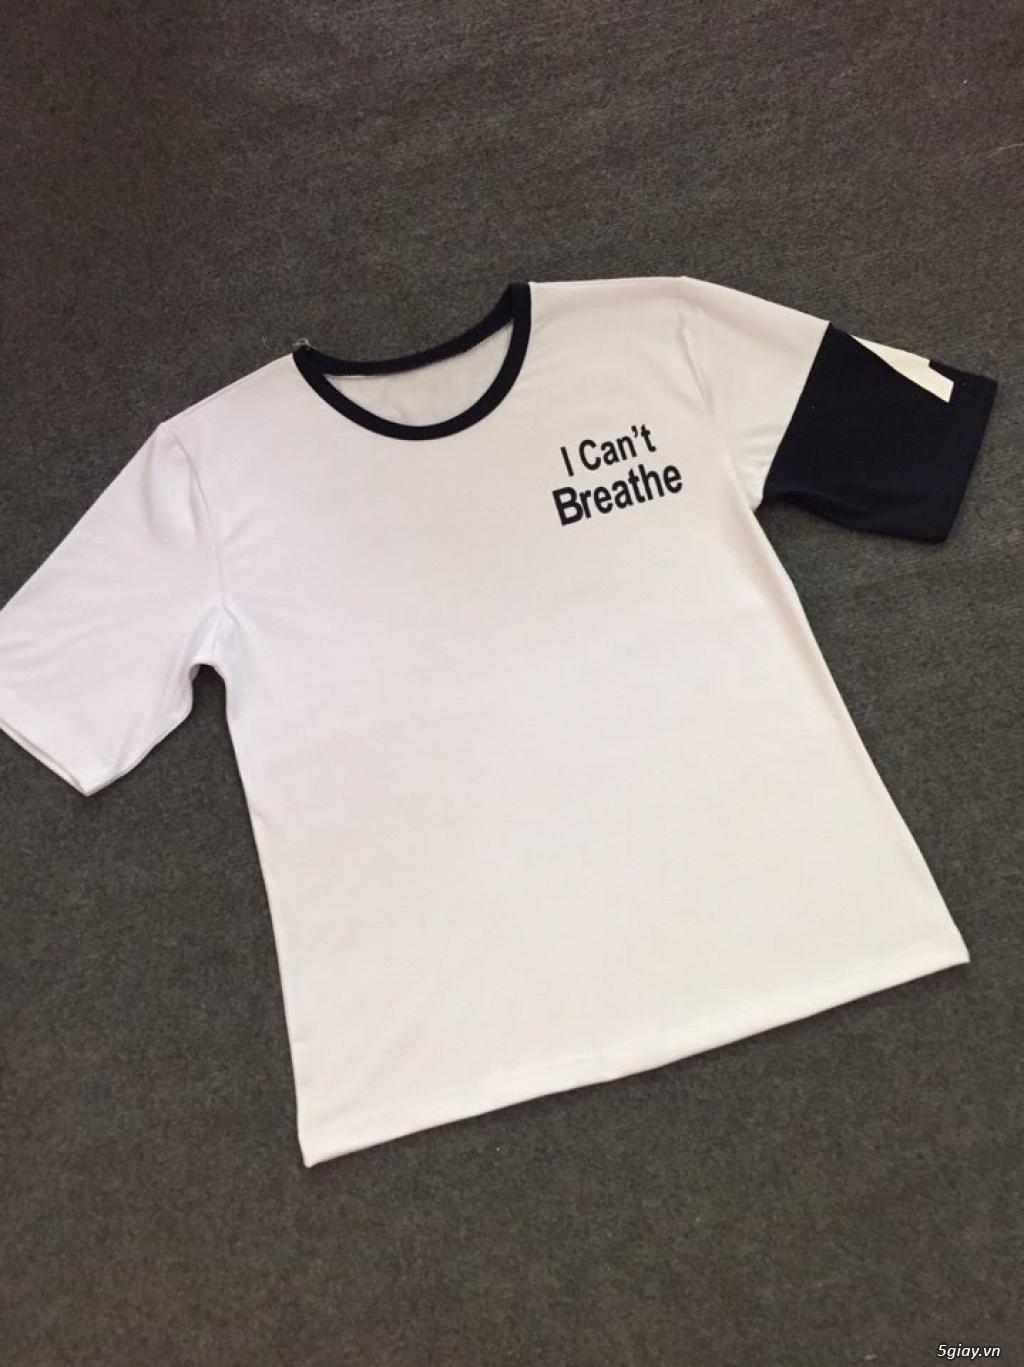 Bỏ sỉ áo thun mẹ & bé 10k - 15k - 20k giá rẻ, chất lượng tốt nhất  !!! - 4